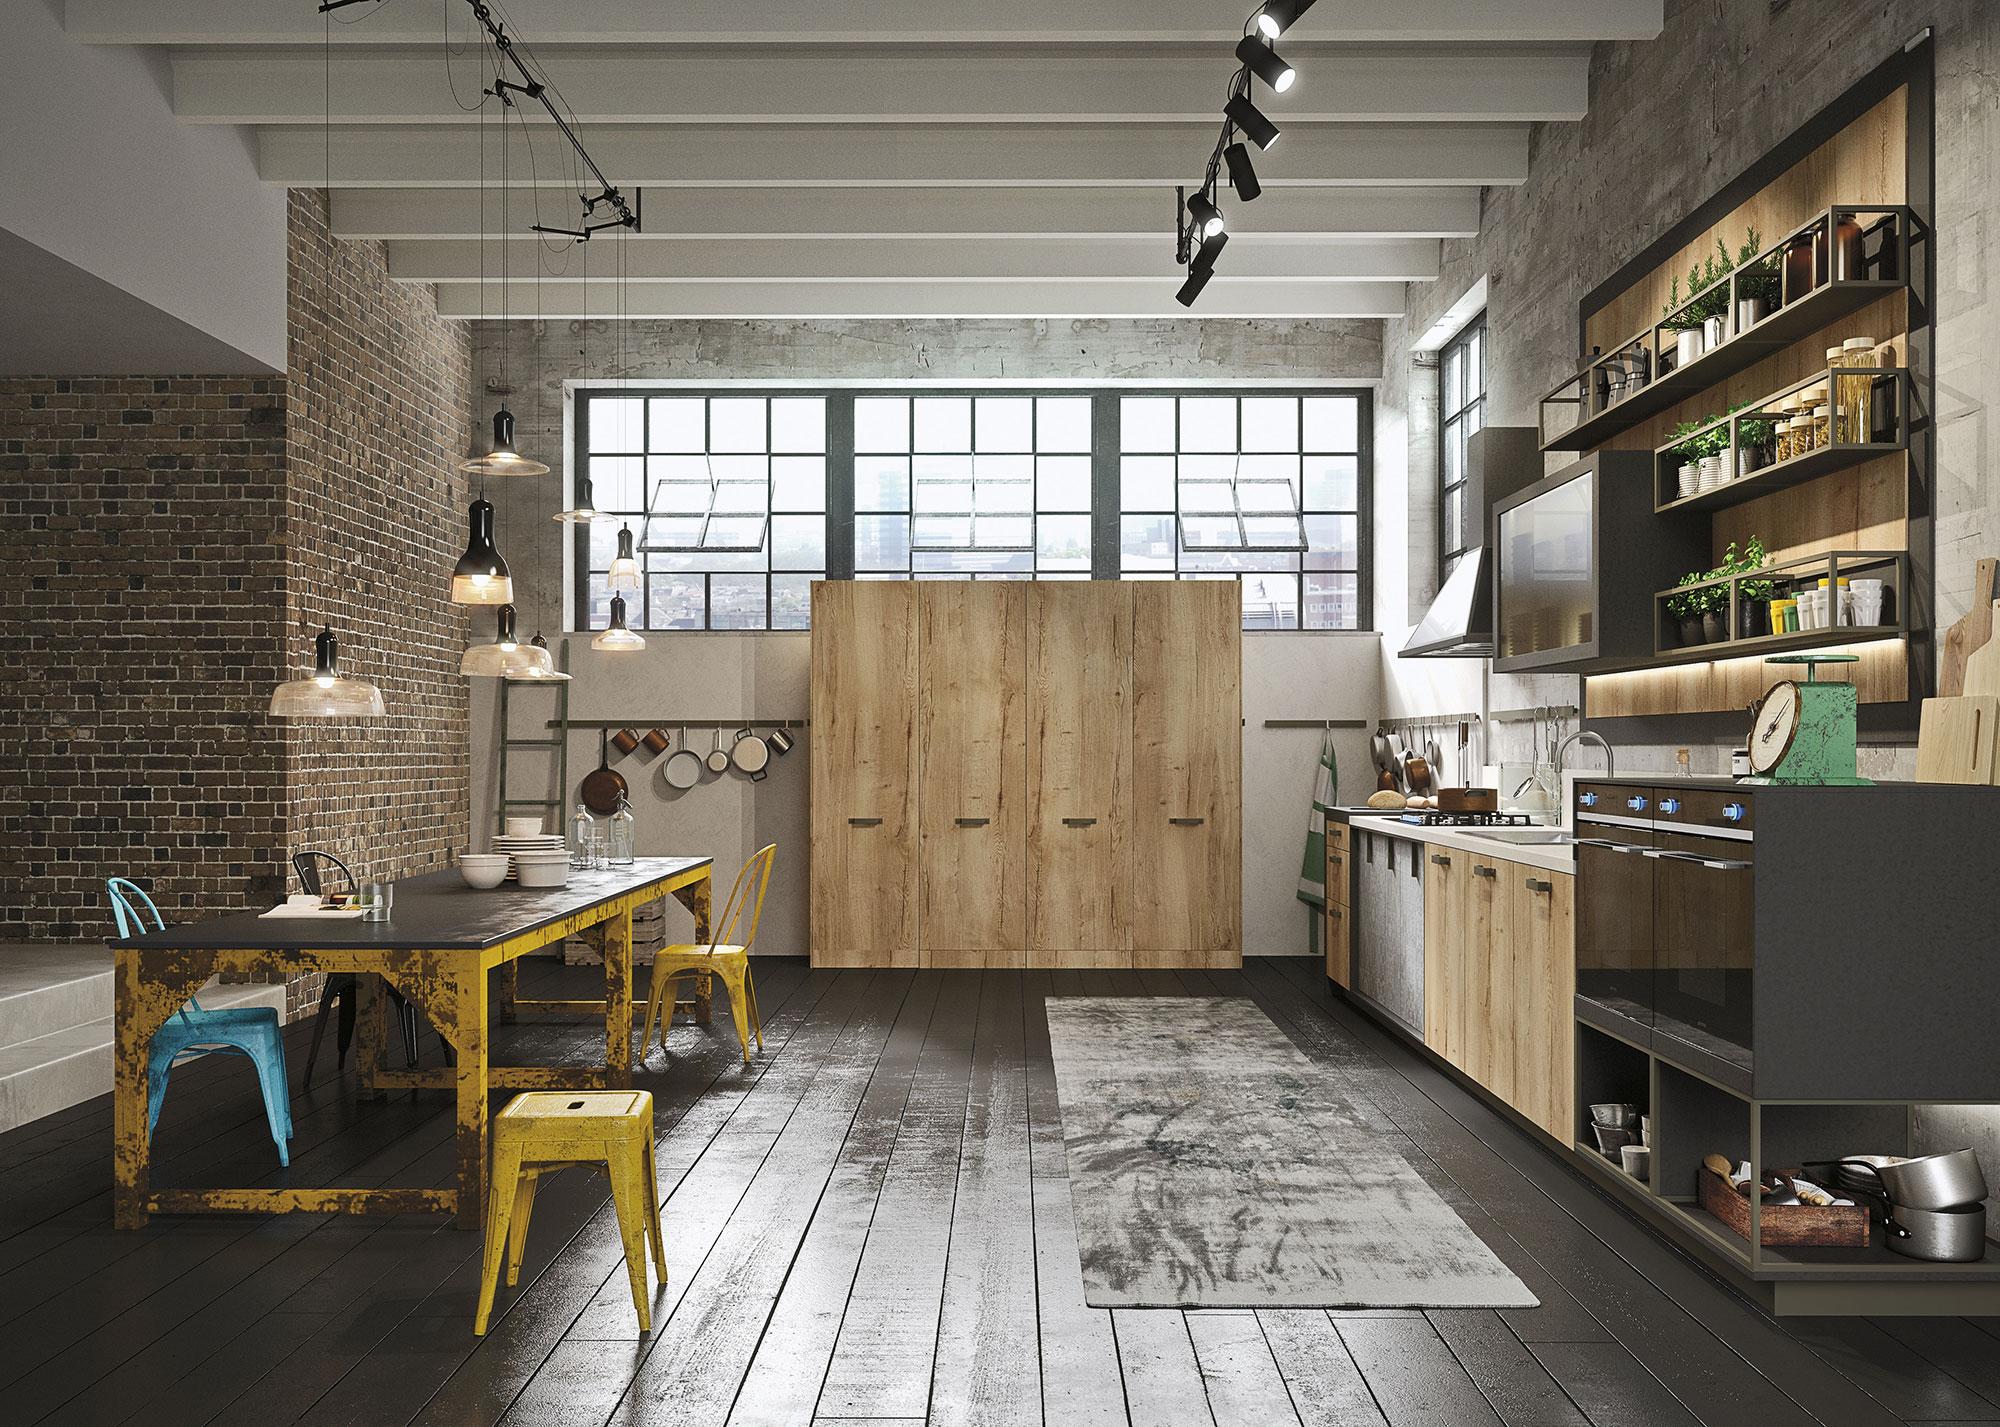 cucine-in-legno-design-loft-snaidero-dettaglio-1